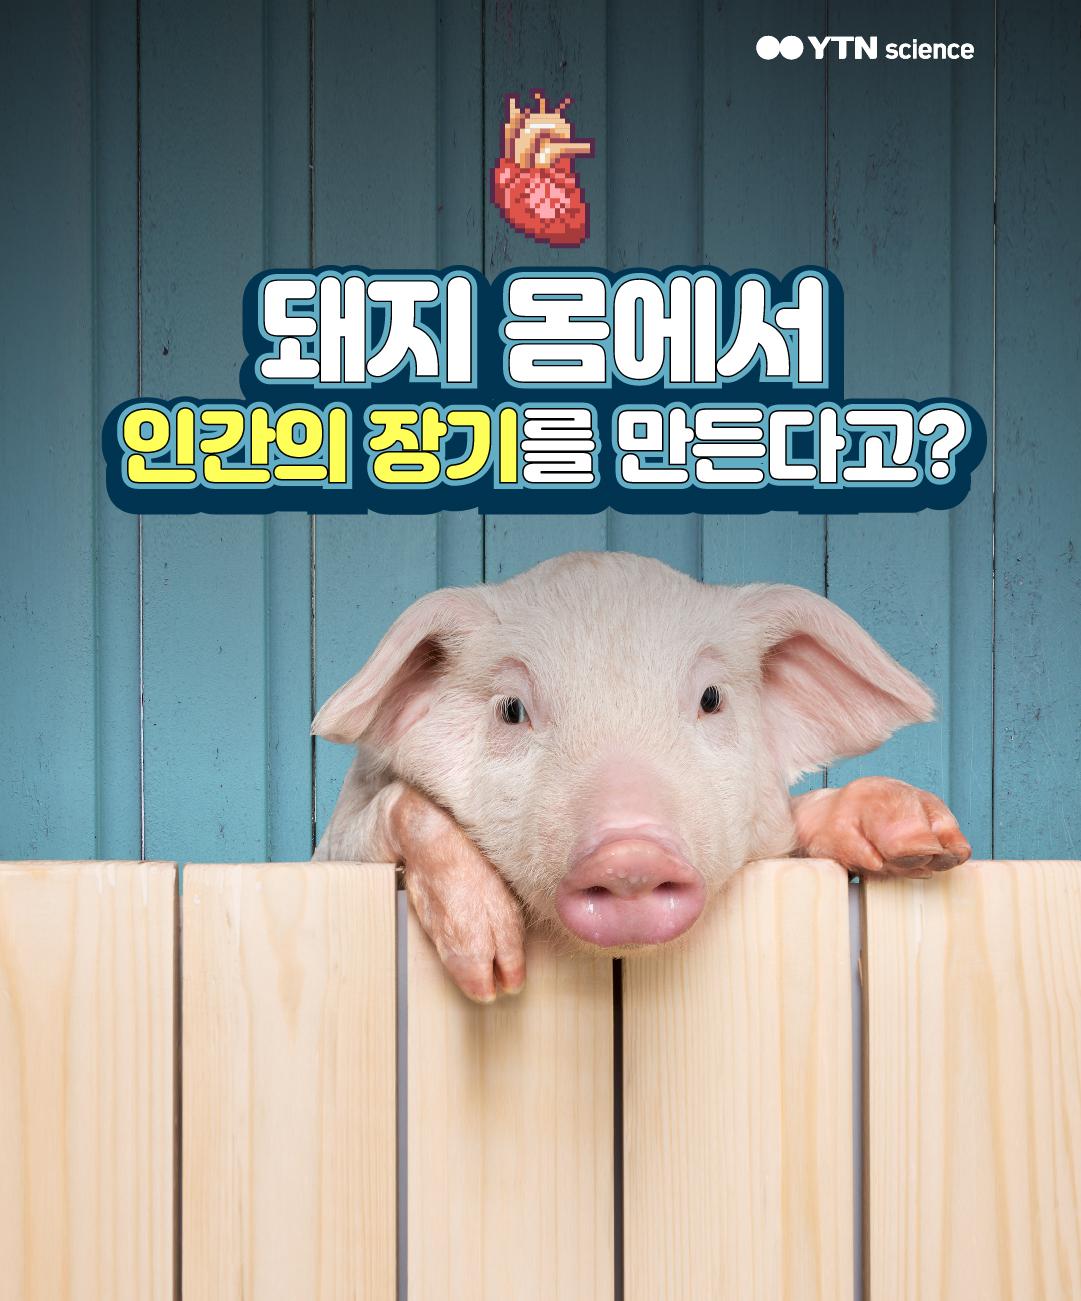 돼지 몸에서 인간의 장기를 만든다고? 이미지